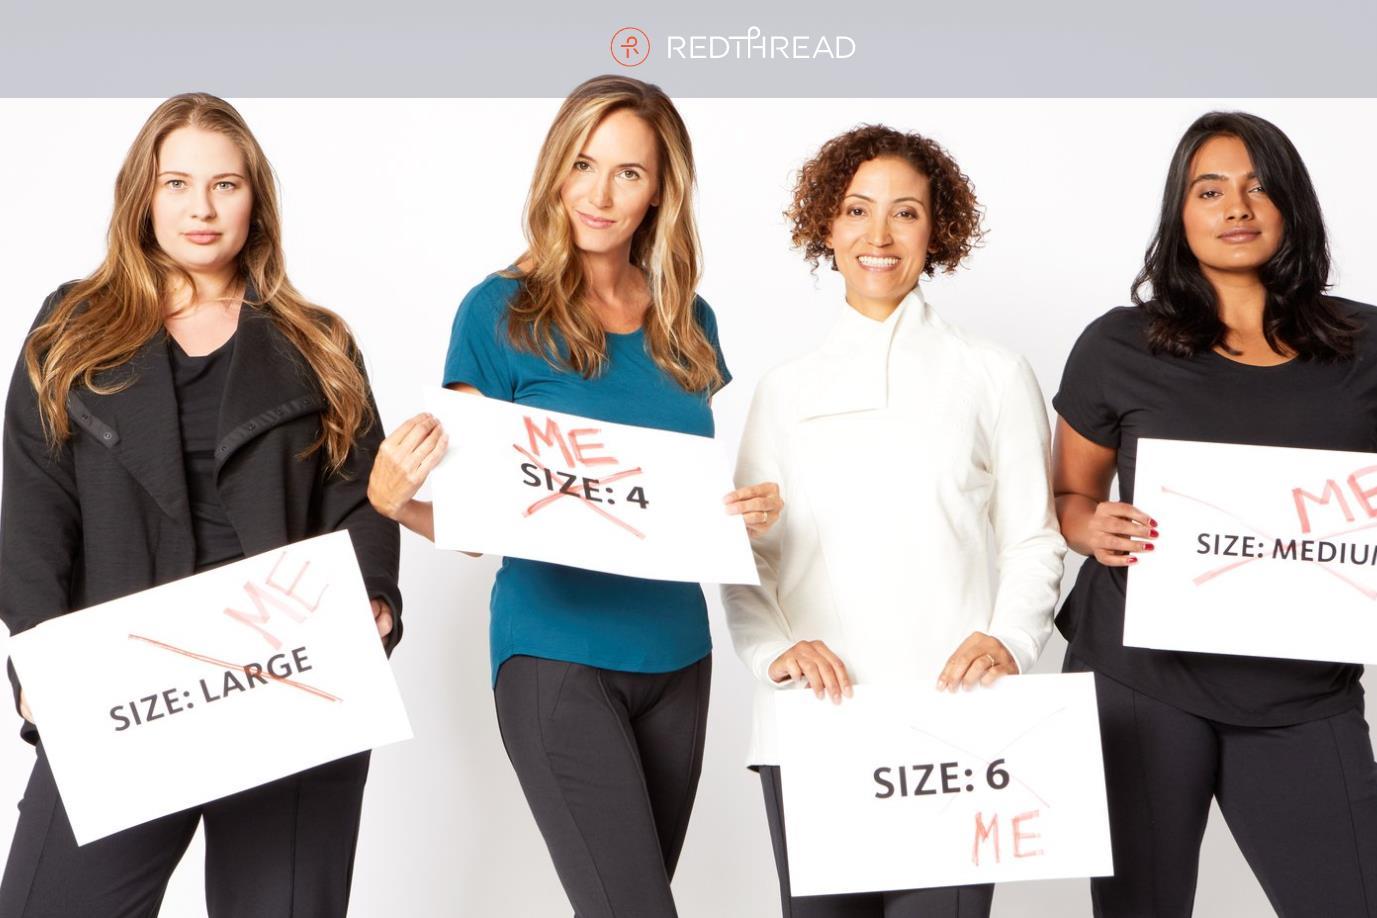 女性服装初创公司 RedThread 通过新技术实现规模化定制生产,服装定制仅需一周